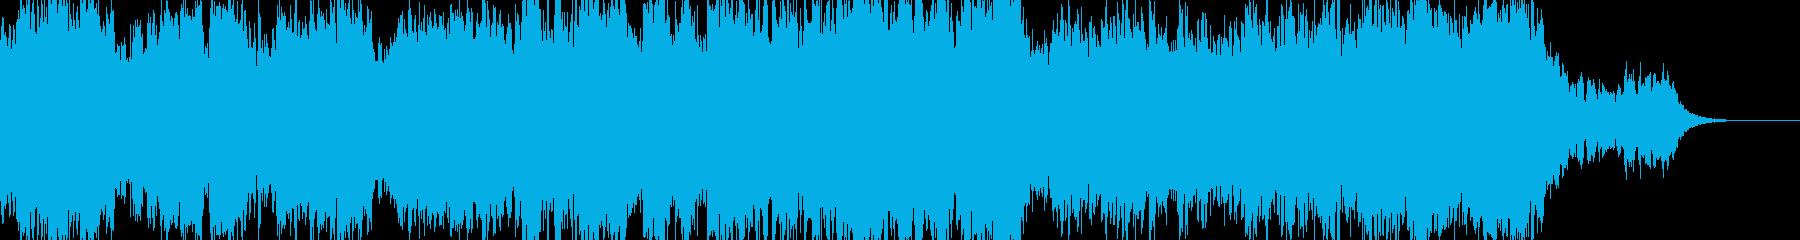 切ないメロディが心にしみこむ癒し系の曲の再生済みの波形